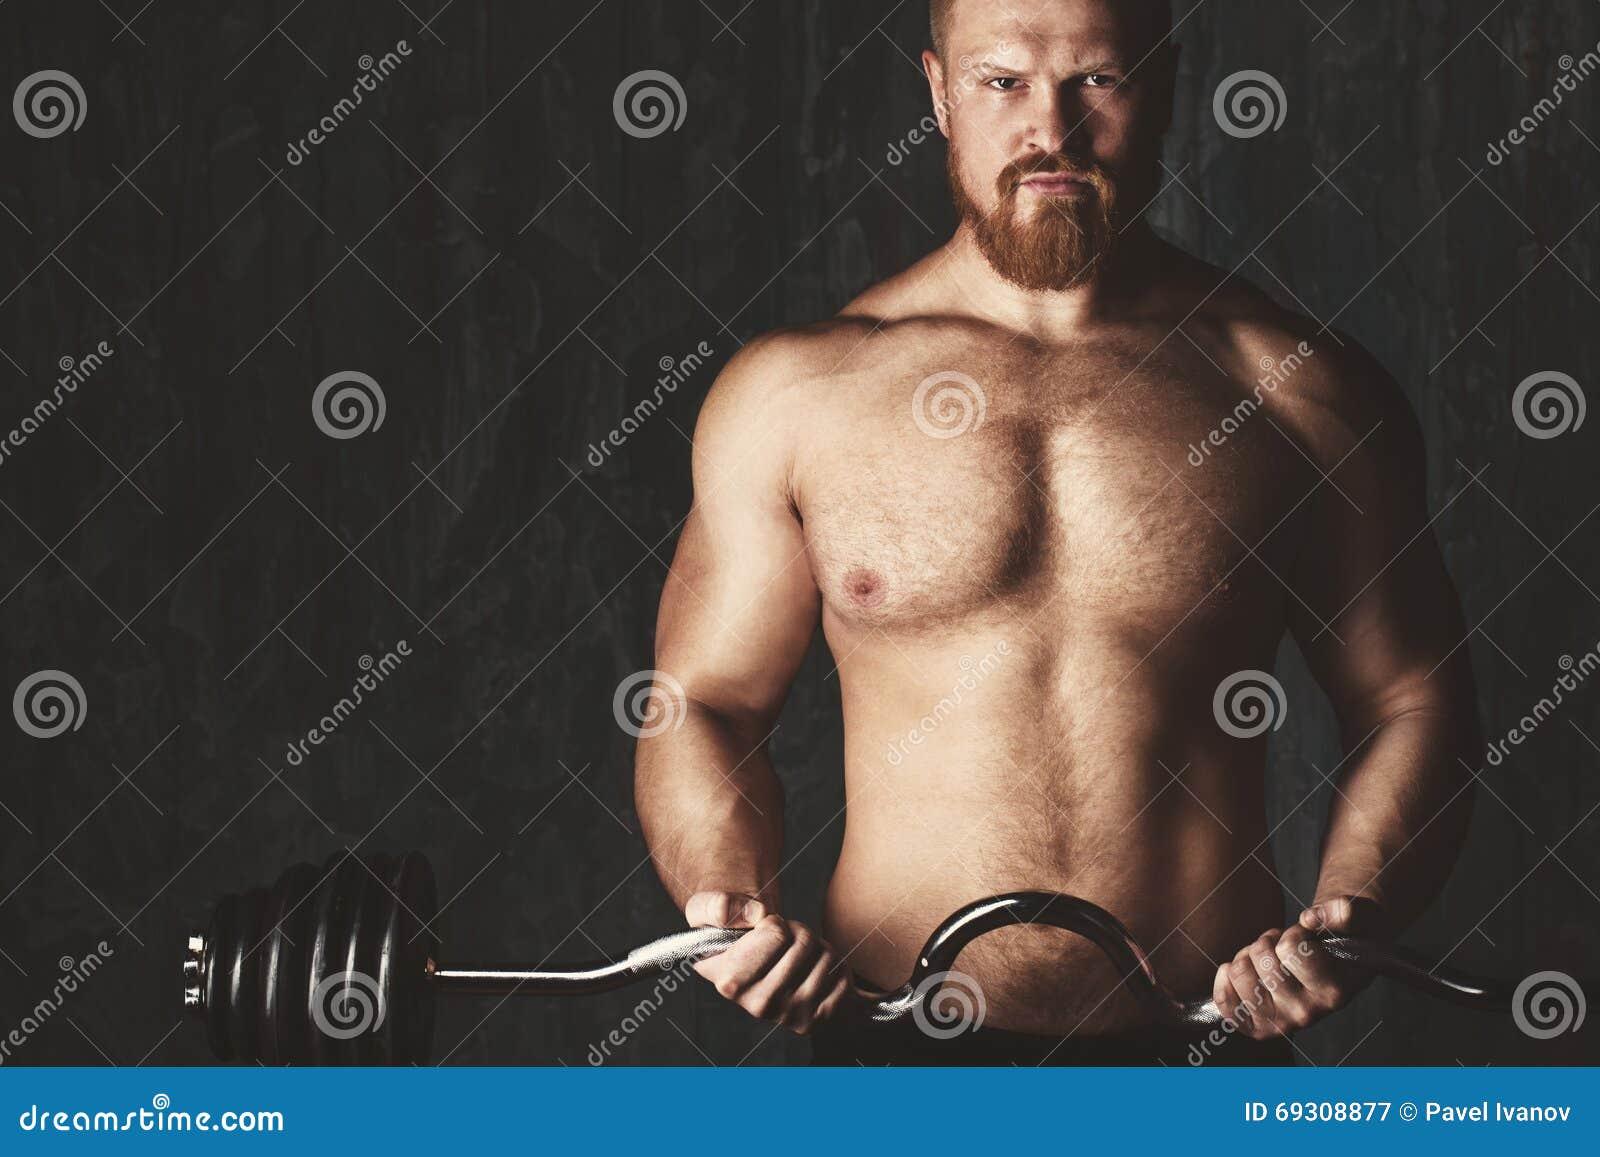 Brutal bodybuilder. Deadlift barbells workout.